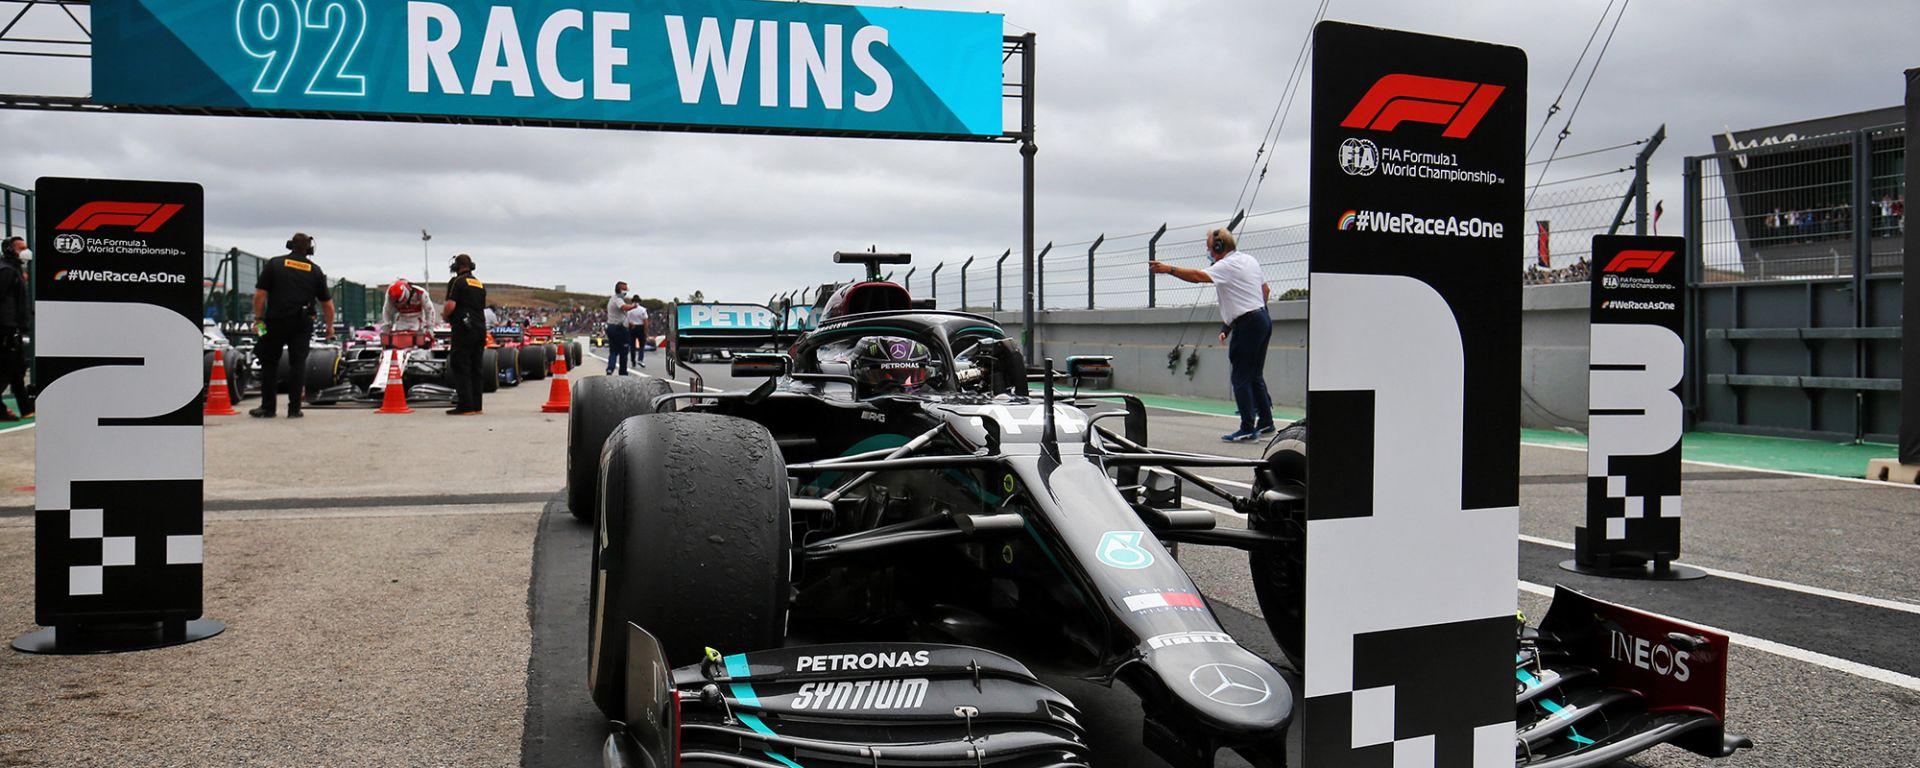 GP Portogallo 2020, Lewis Hamilton (Mercedes) fa 92 vittorie in carriera